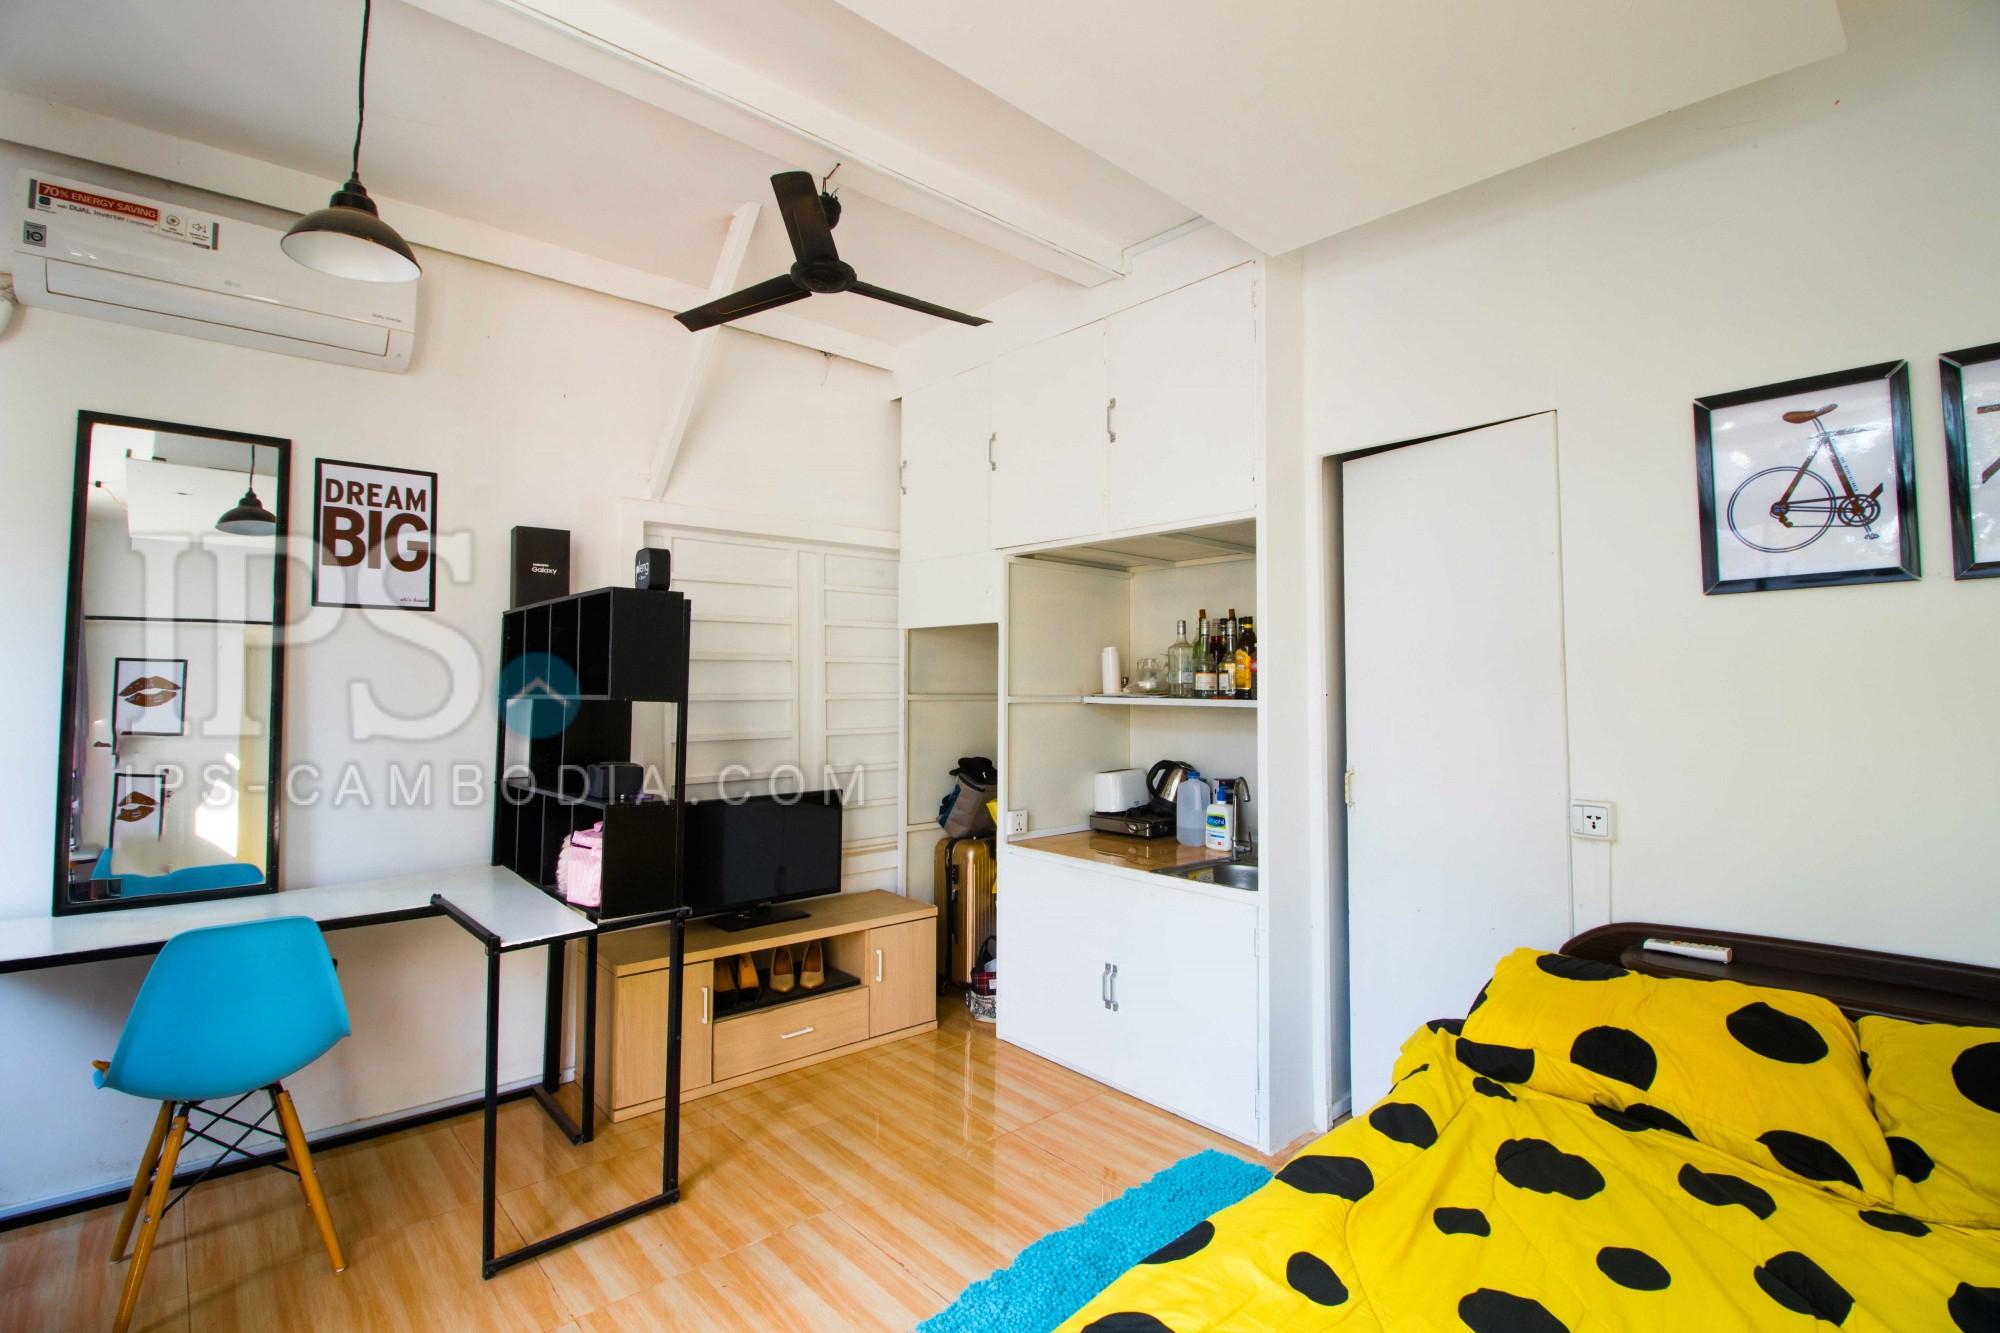 1 Bed Studio Room For Rent - Slor Kram, Siem Reap